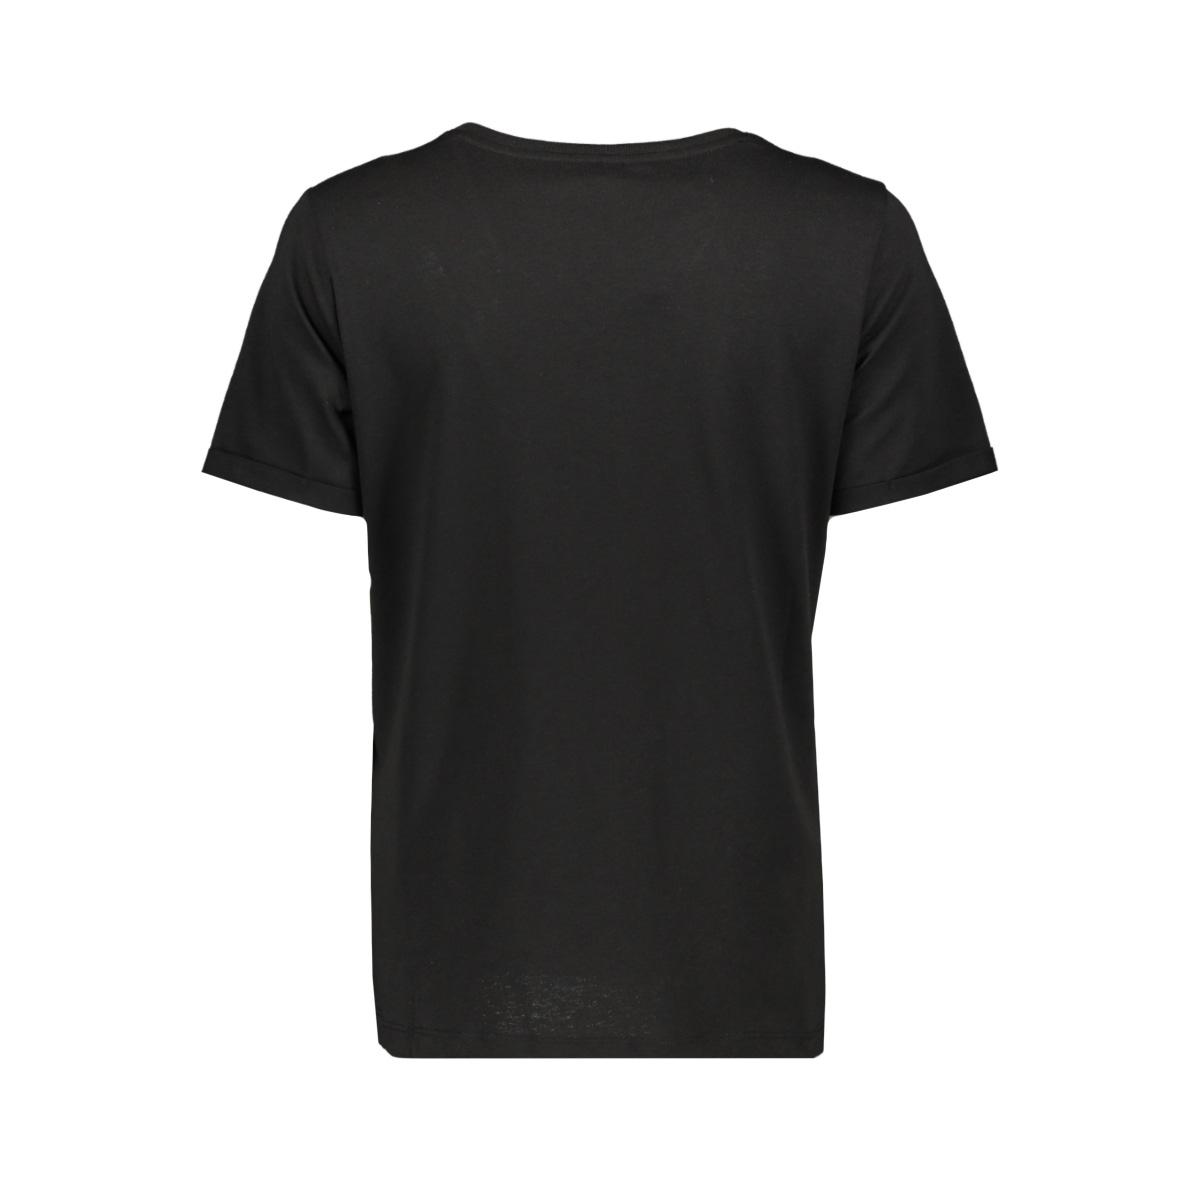 vmsafari s/s printed t-shirt vip ga 10232304 vero moda t-shirt black/safari